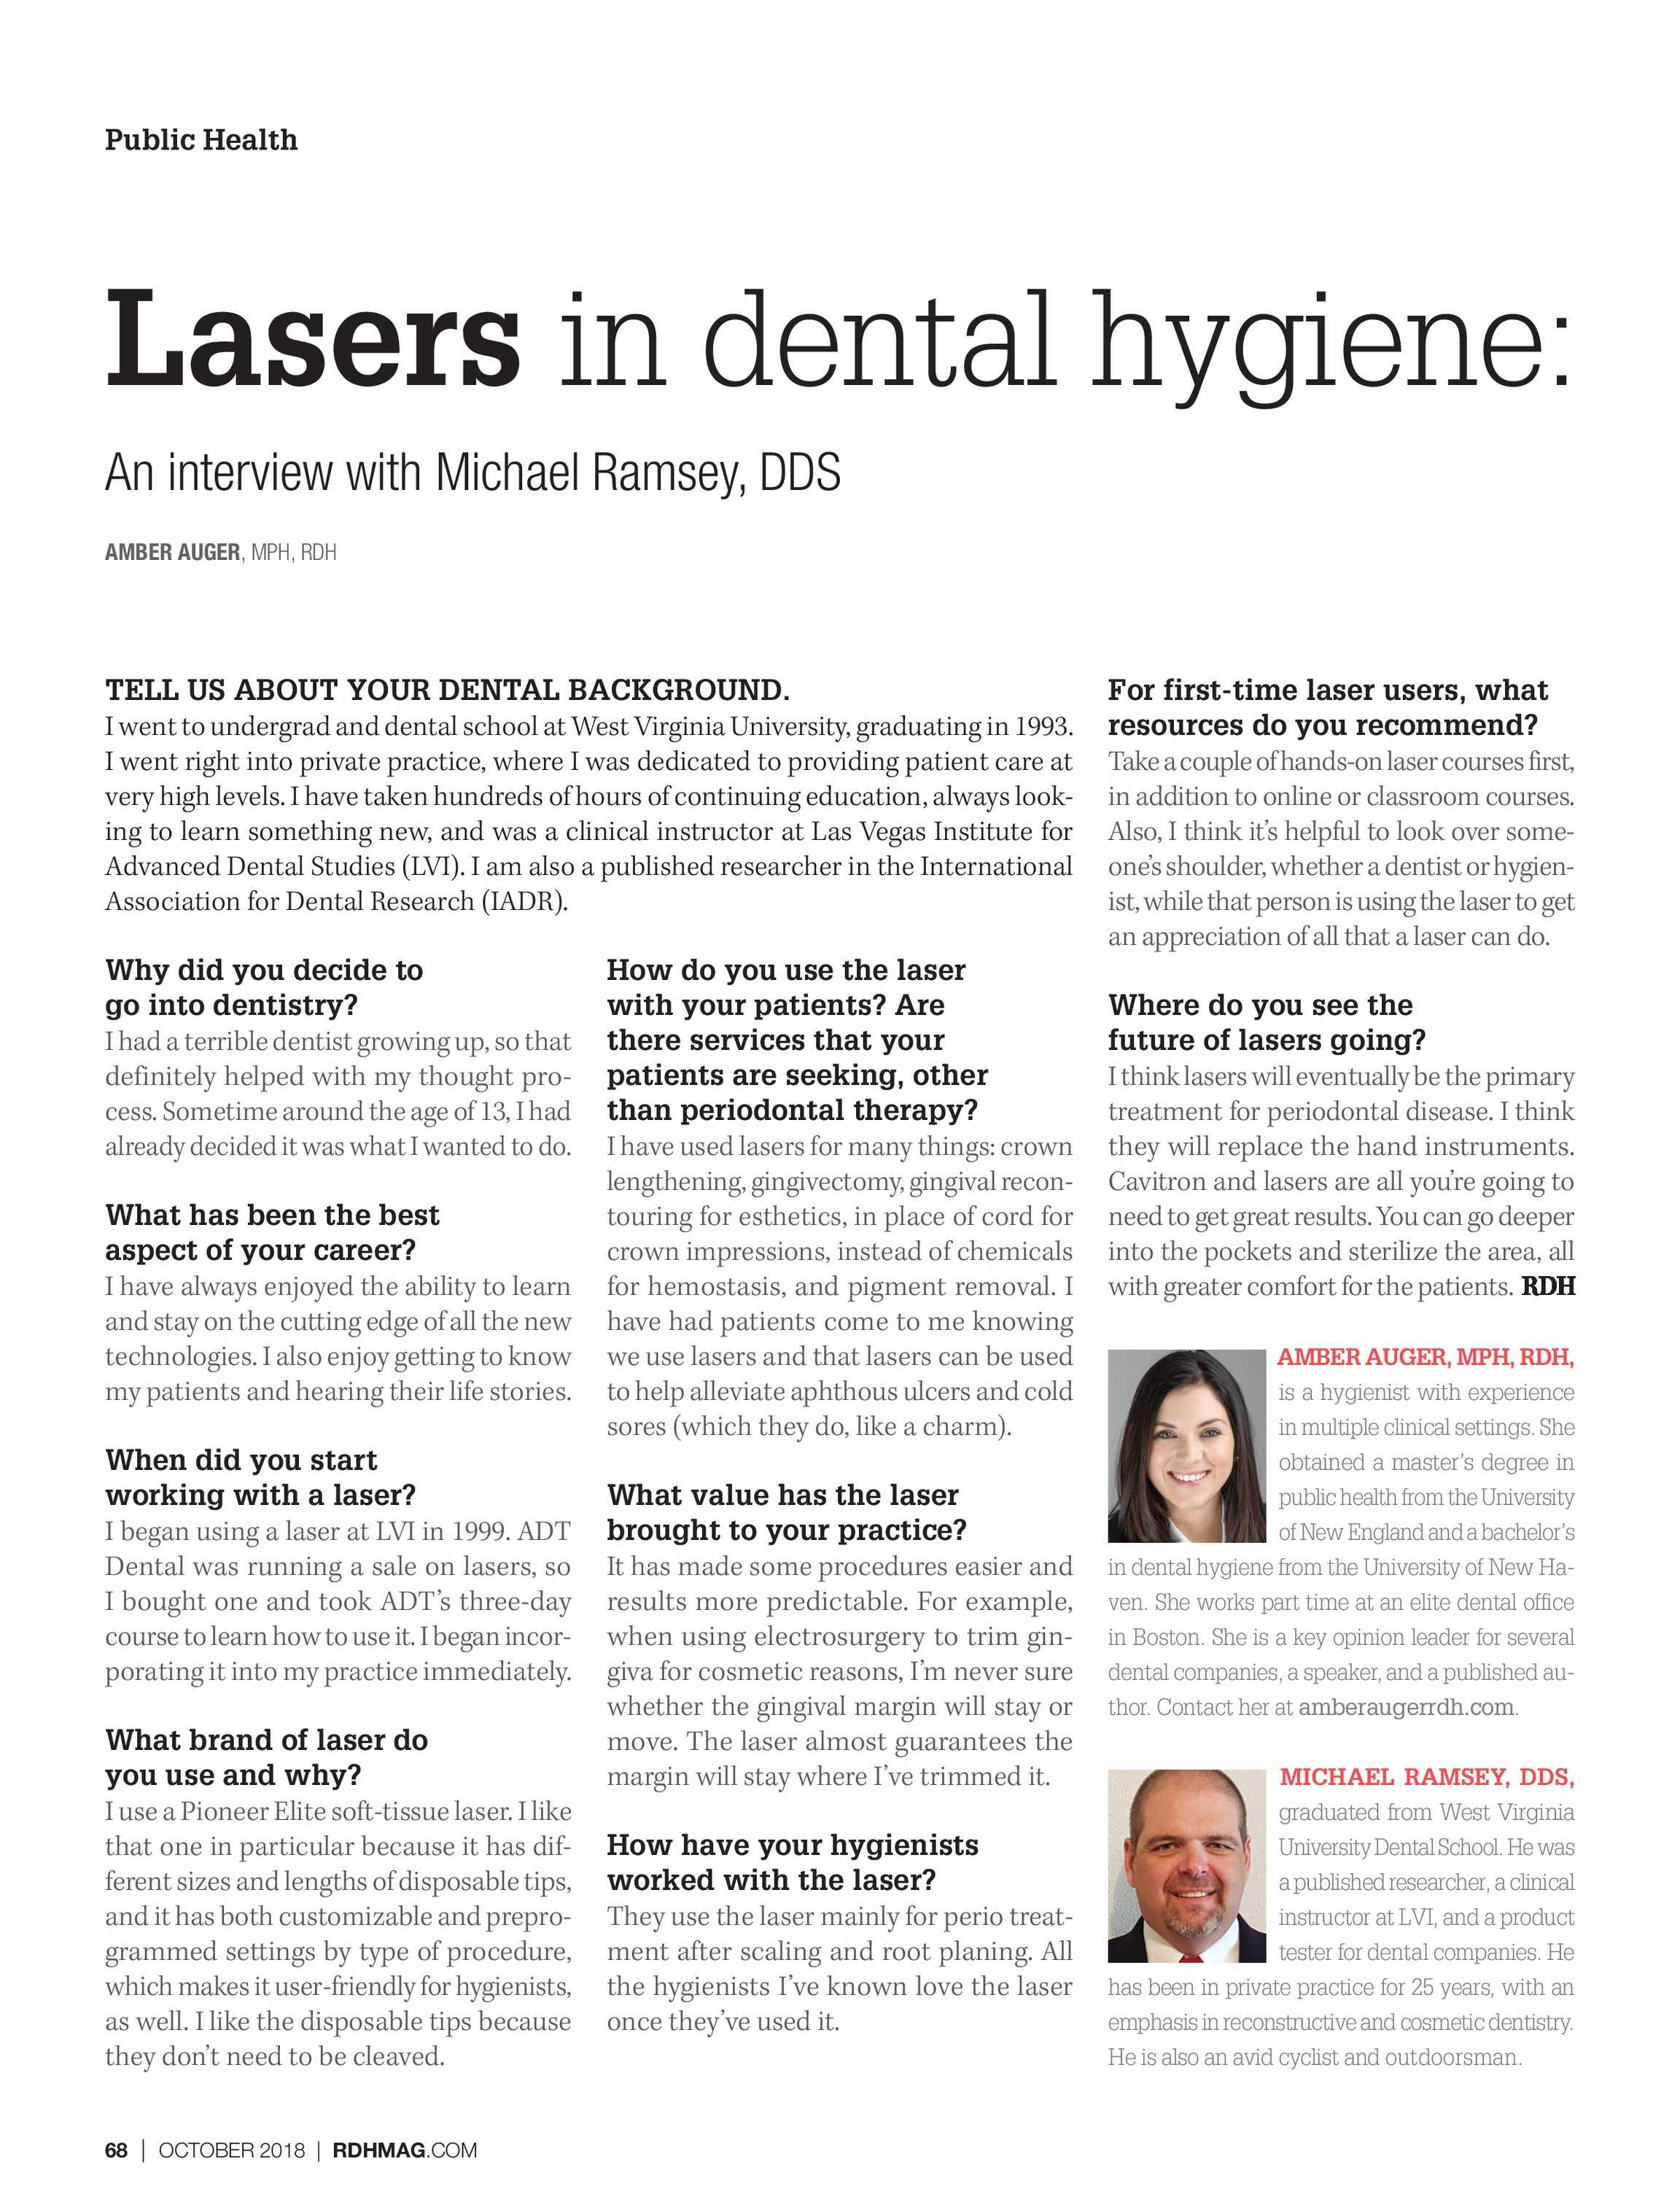 Registered Dental Hygienist - October 2018 - page 68